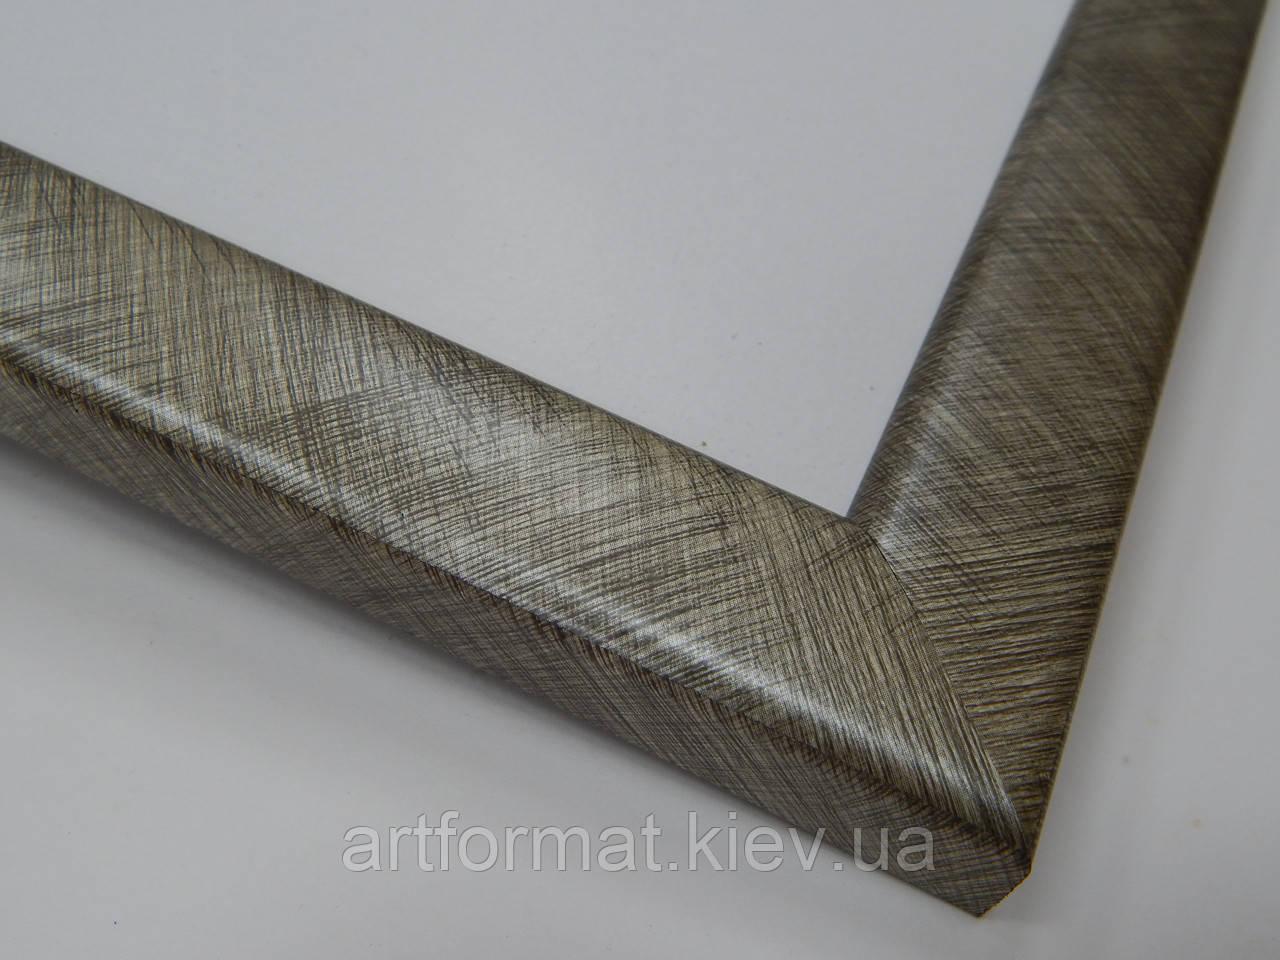 Рамка А2(594х420)24 мм.Серебро в насечку.